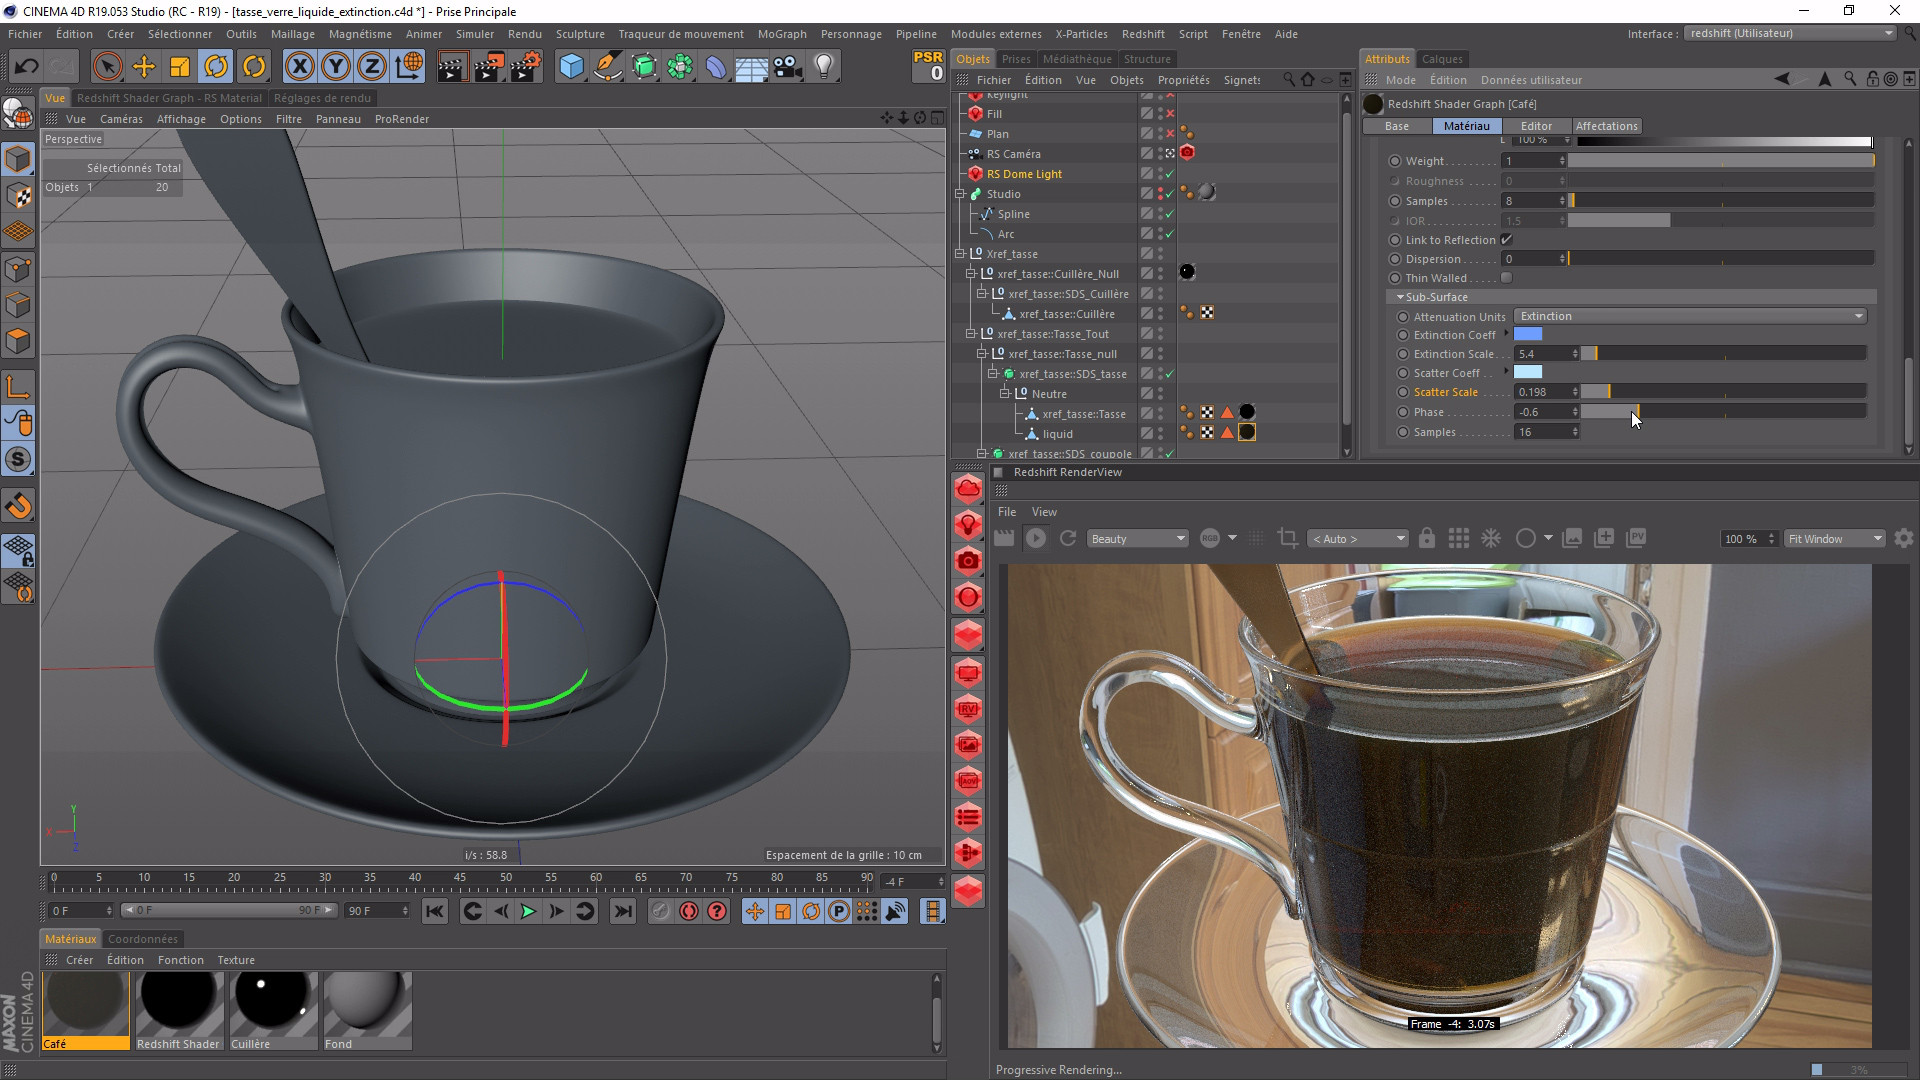 TUTO Redshift 3D : la Formation Complète avec Cinema 4D 19 sur Tuto com